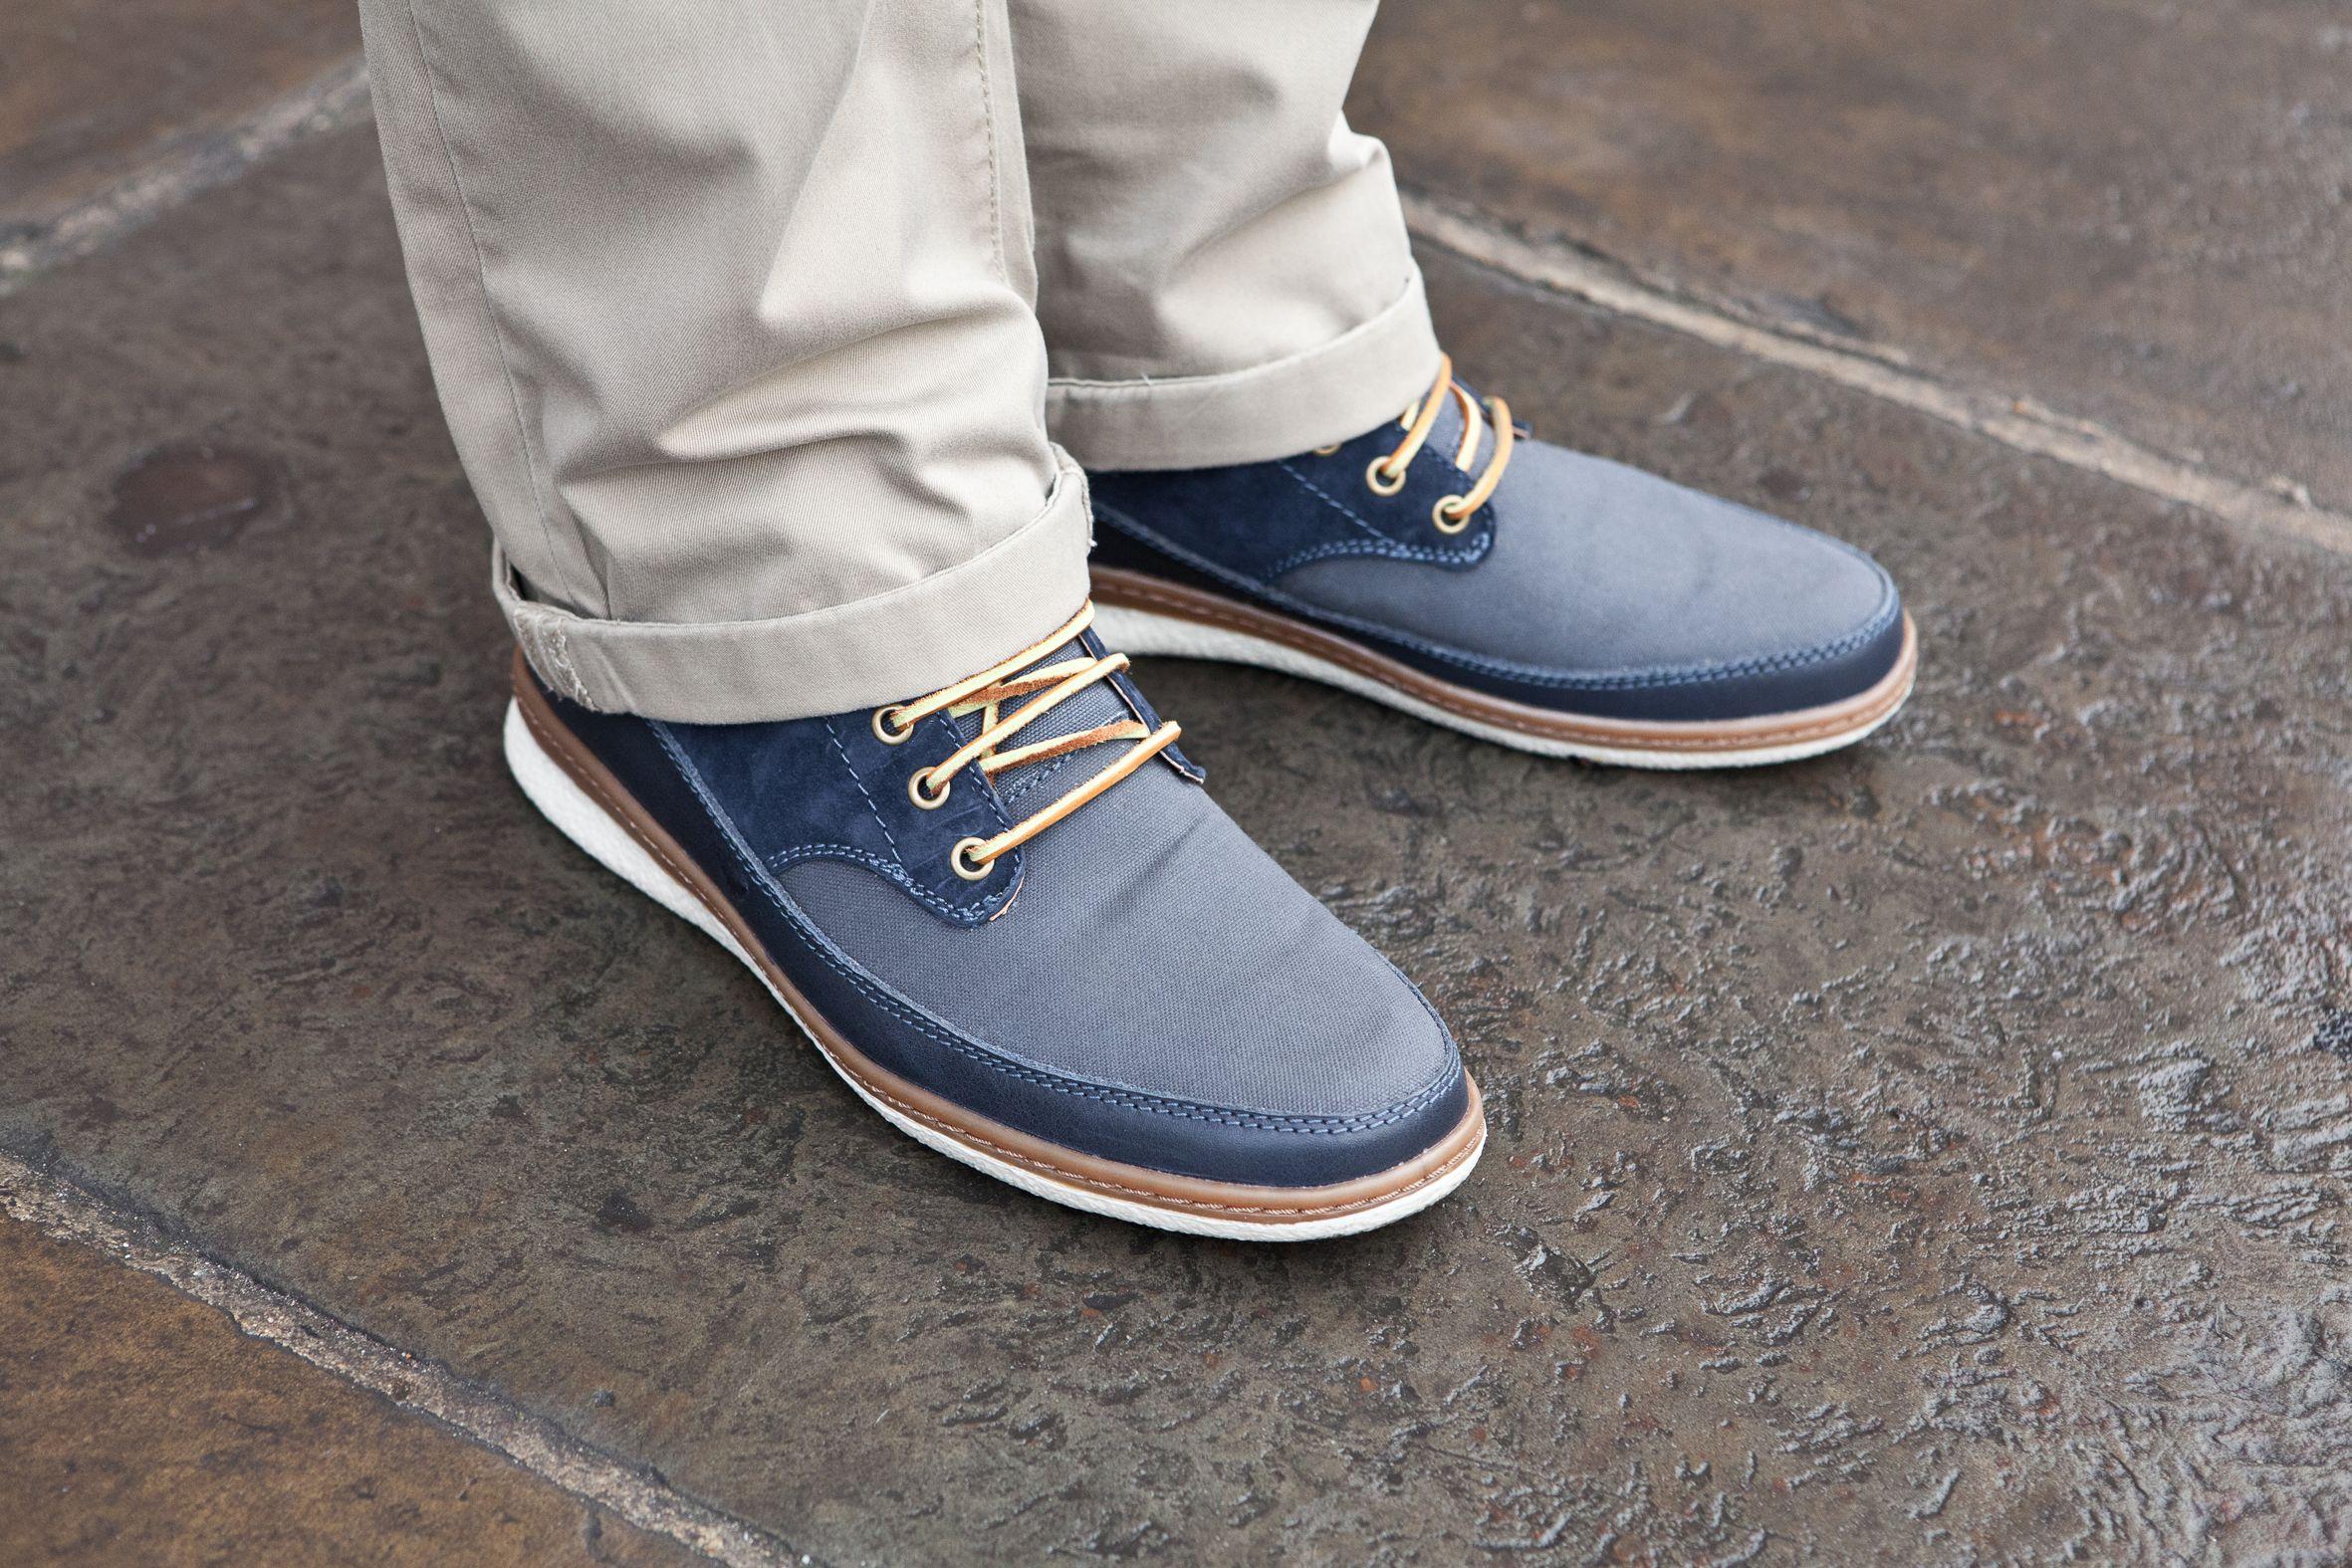 Discussion on this topic: Adidas Originals Blue Collection AutumnWinter 2012 Men's , adidas-originals-blue-collection-autumnwinter-2012-mens/